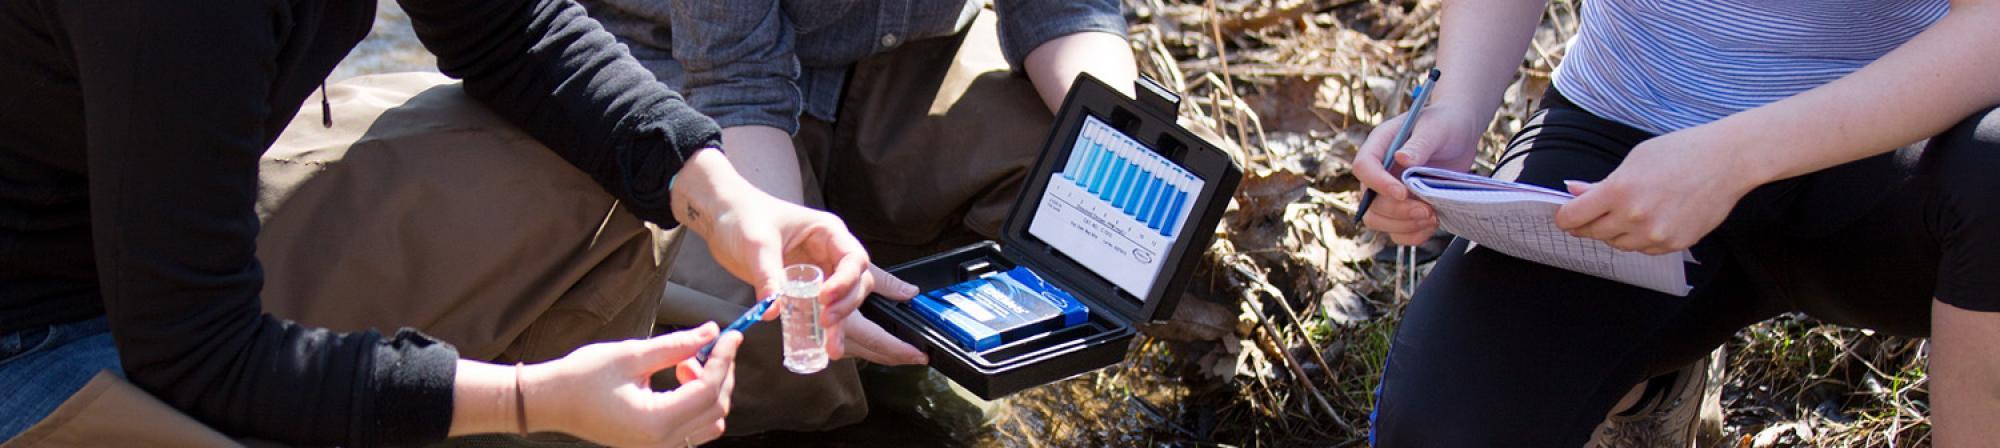 Biology - water sample testing